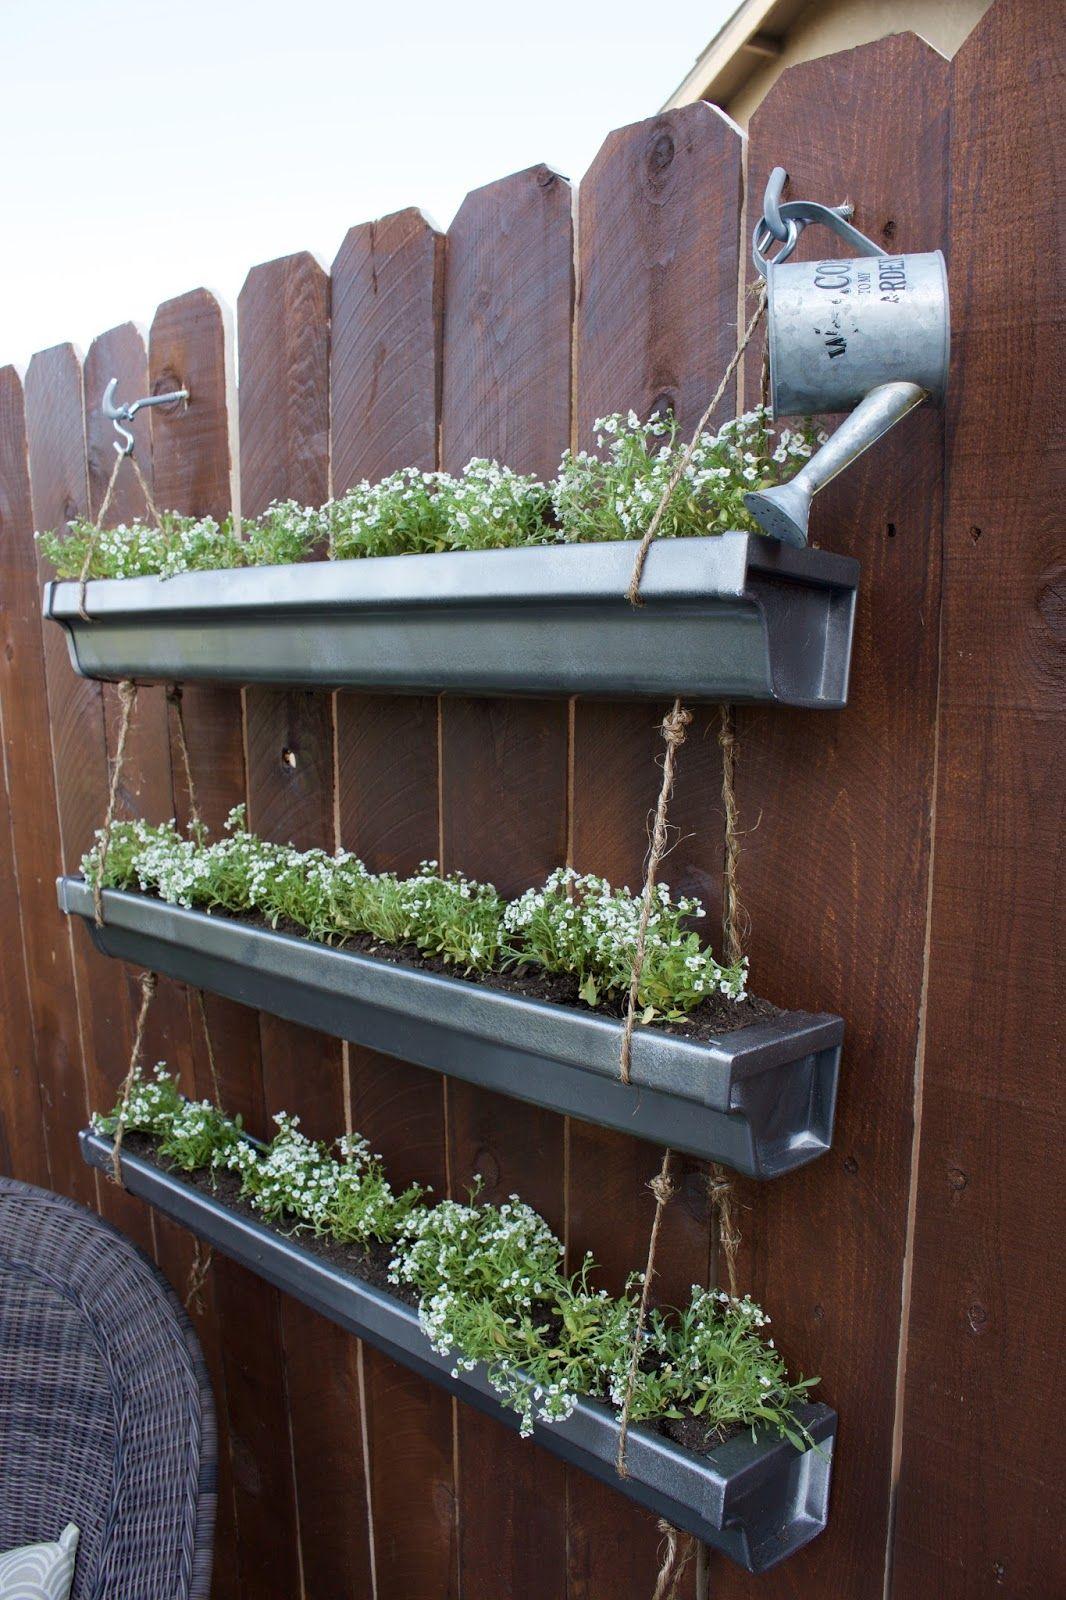 Hanging Gutter Planter Vertical Garden Diy Vertical 400 x 300